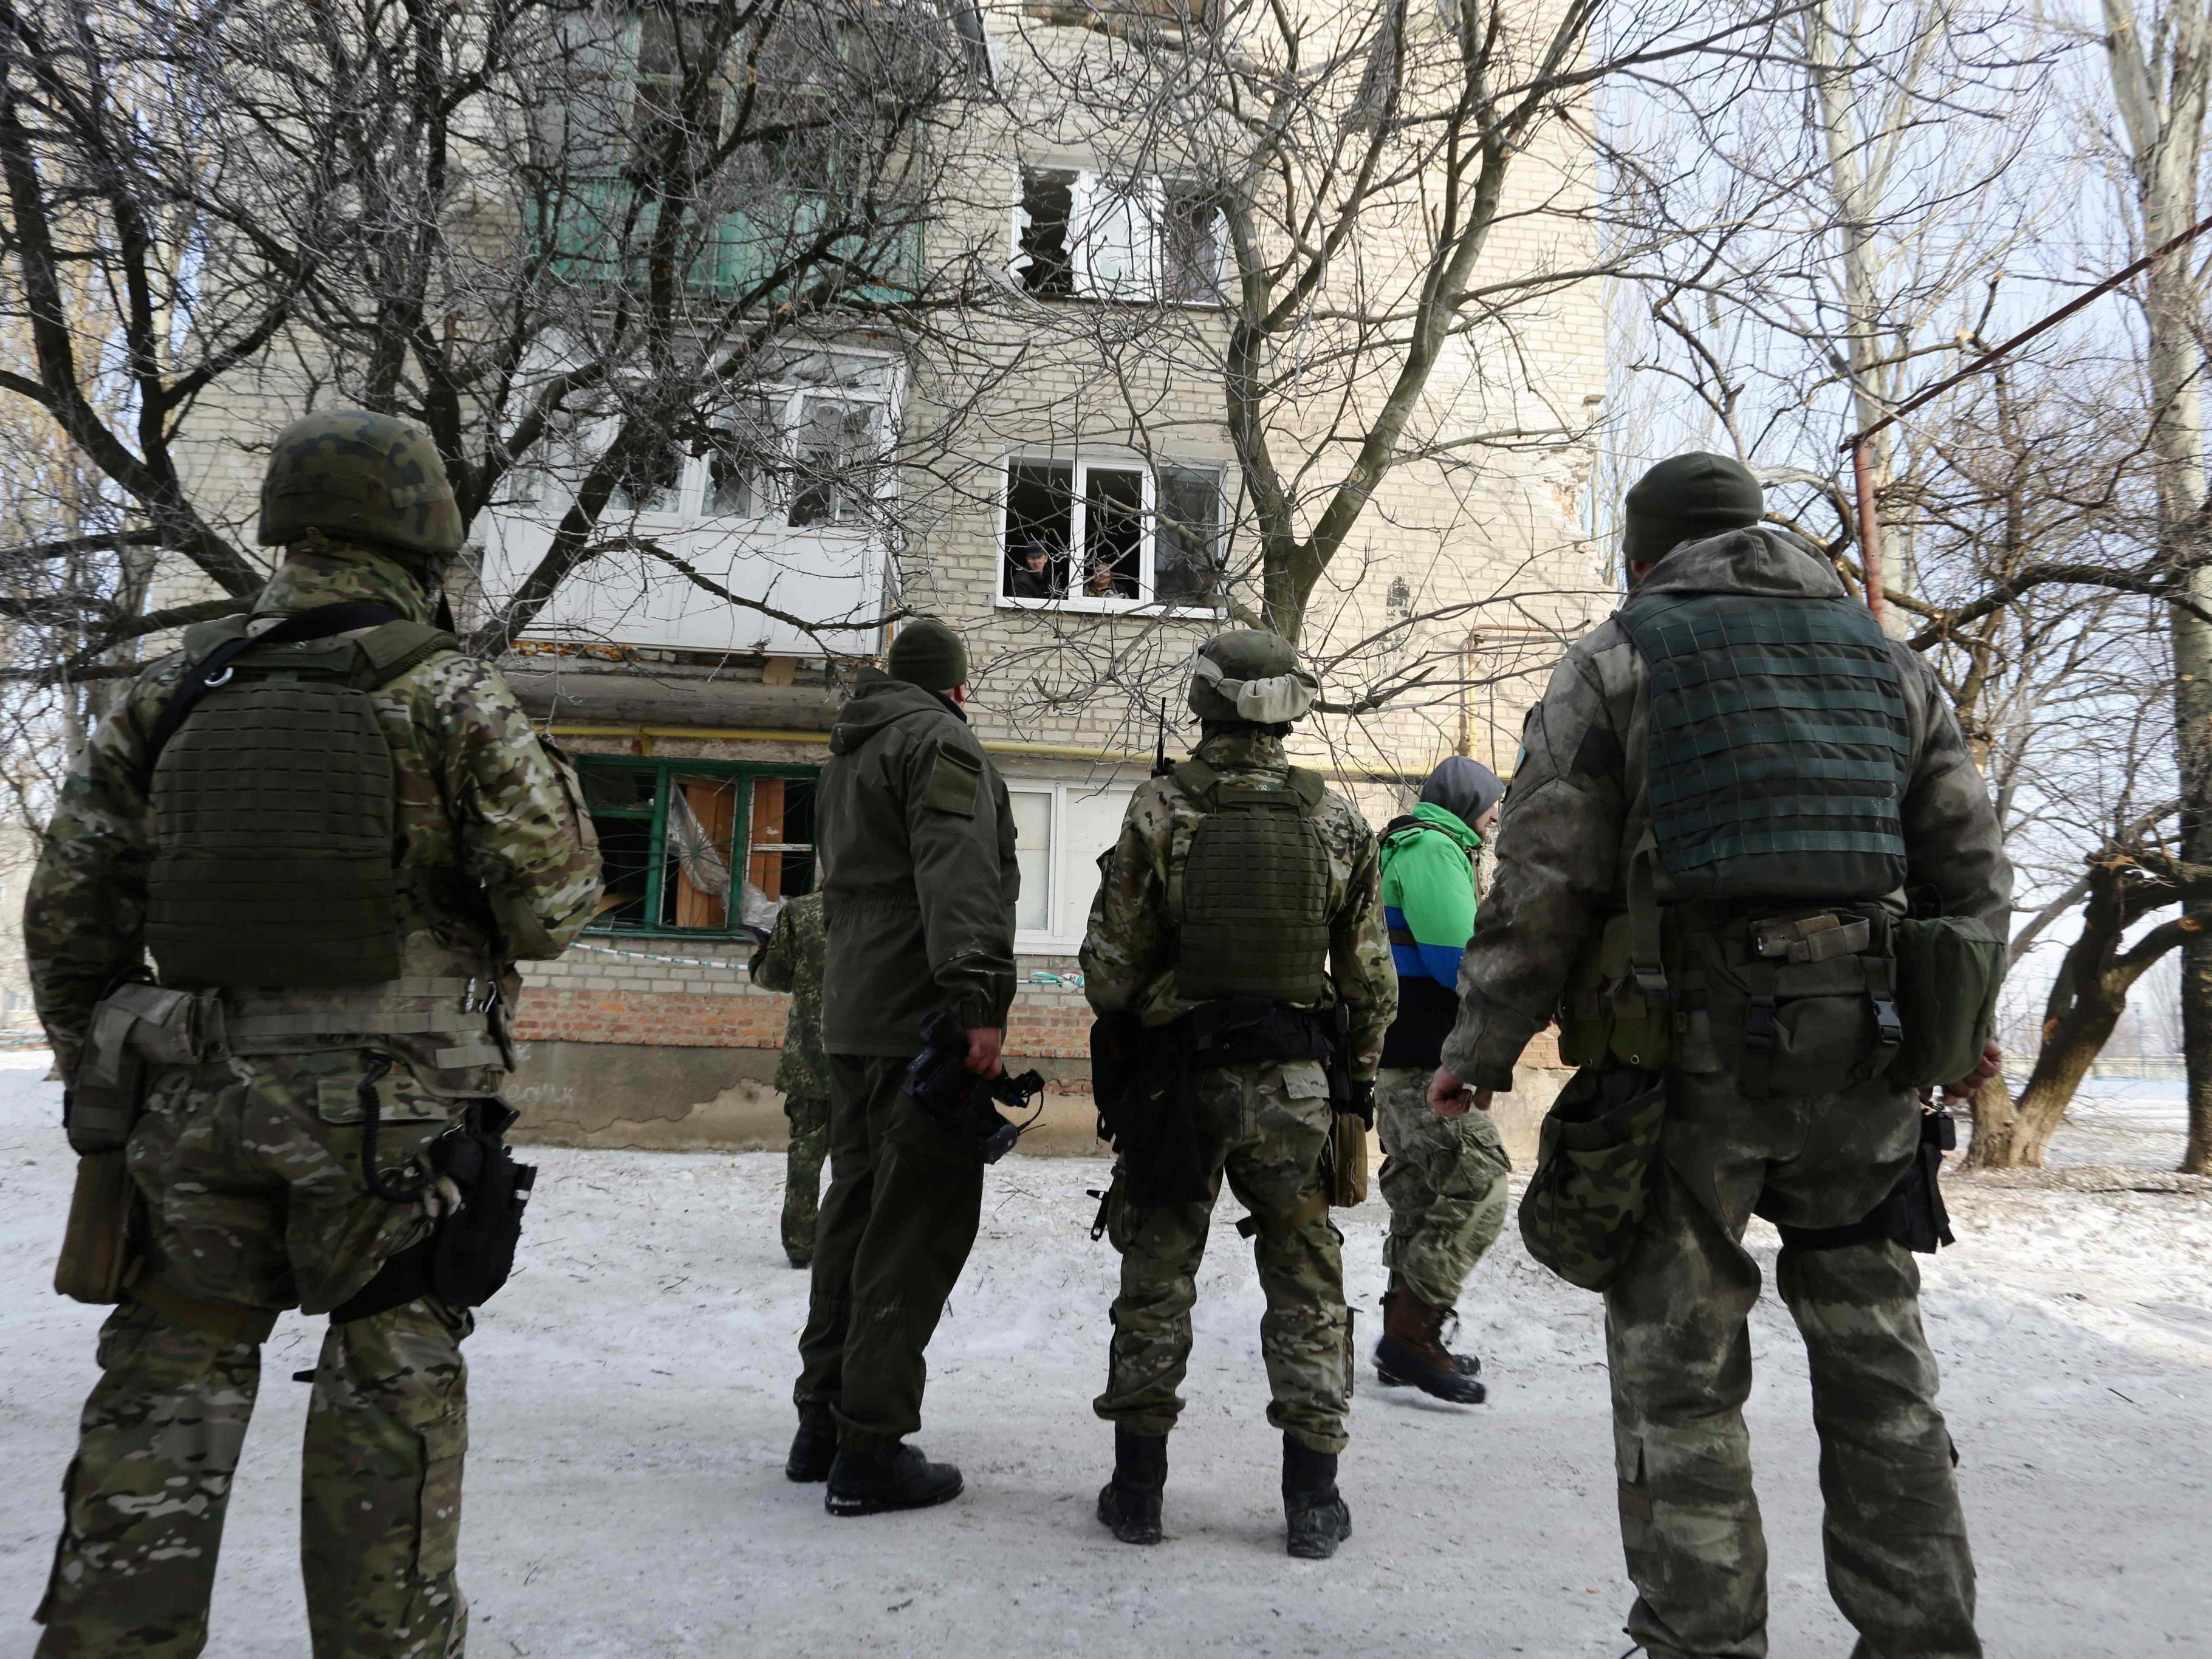 Wann der 25-Jährige von Polen nach Österreich überstellt wird, war am späten Sonntagnachmittag noch offen.